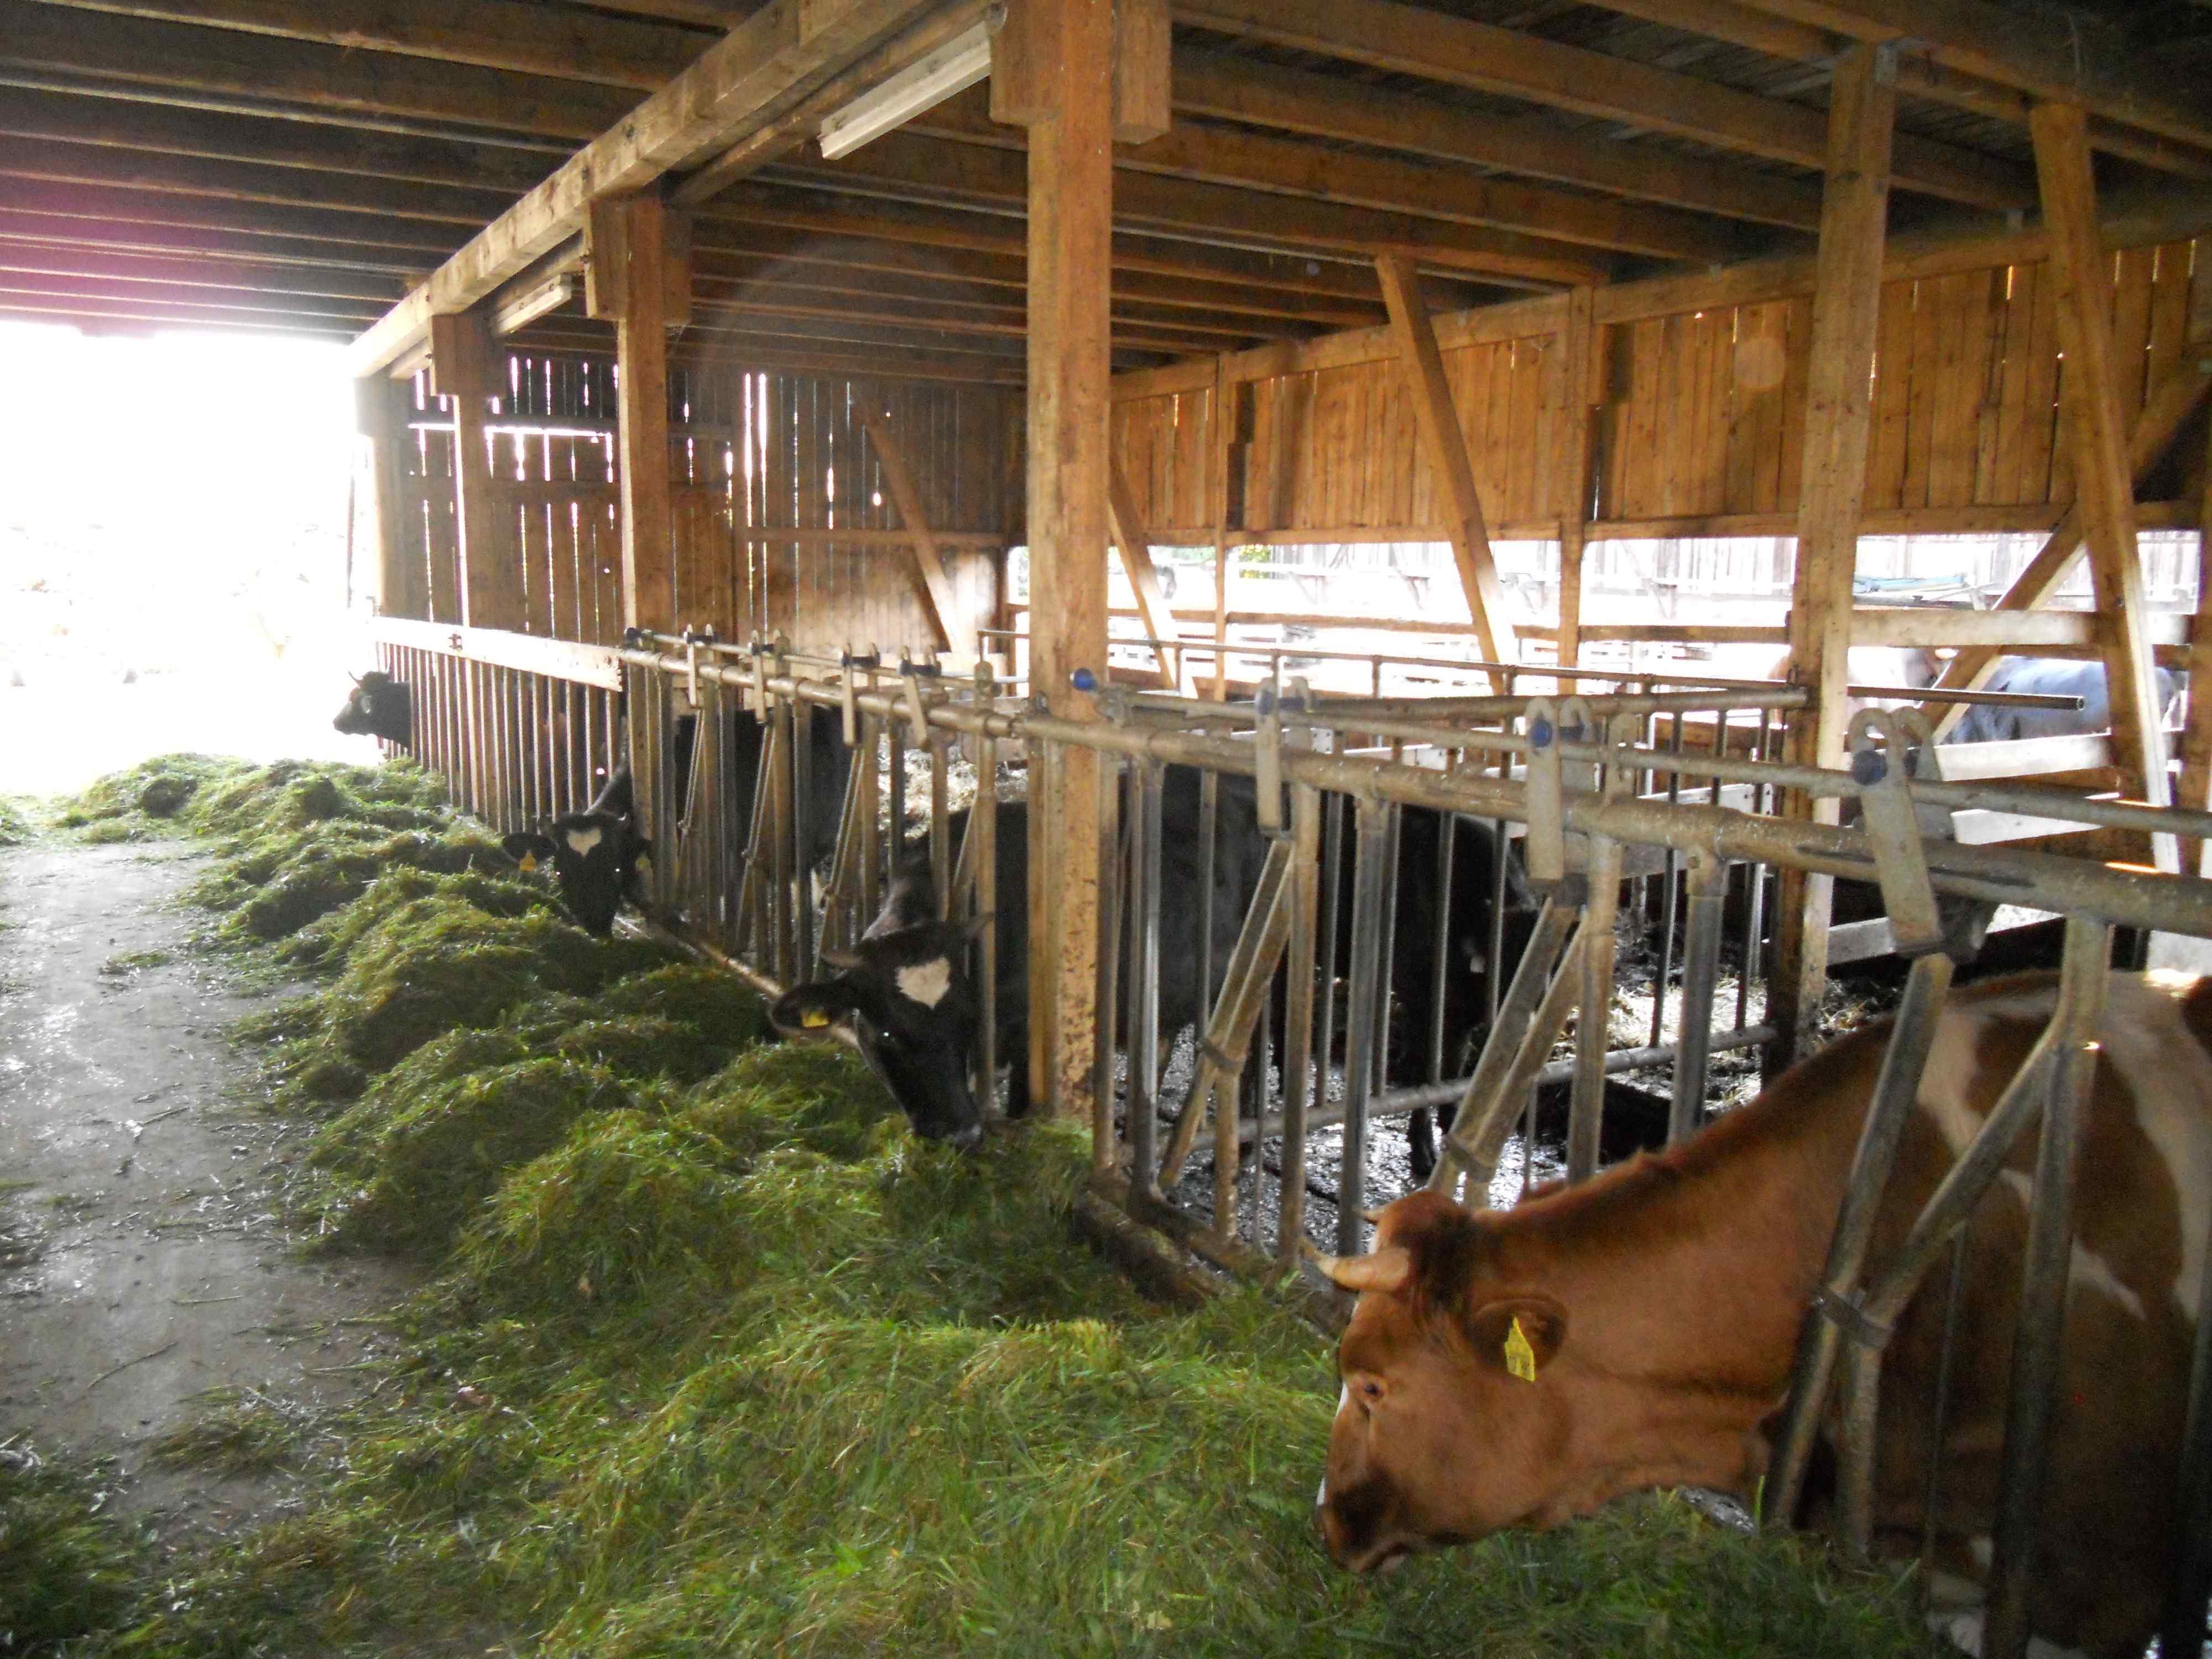 friss zöld takarmány, istálló alatt gyűjtik a híg trágyát